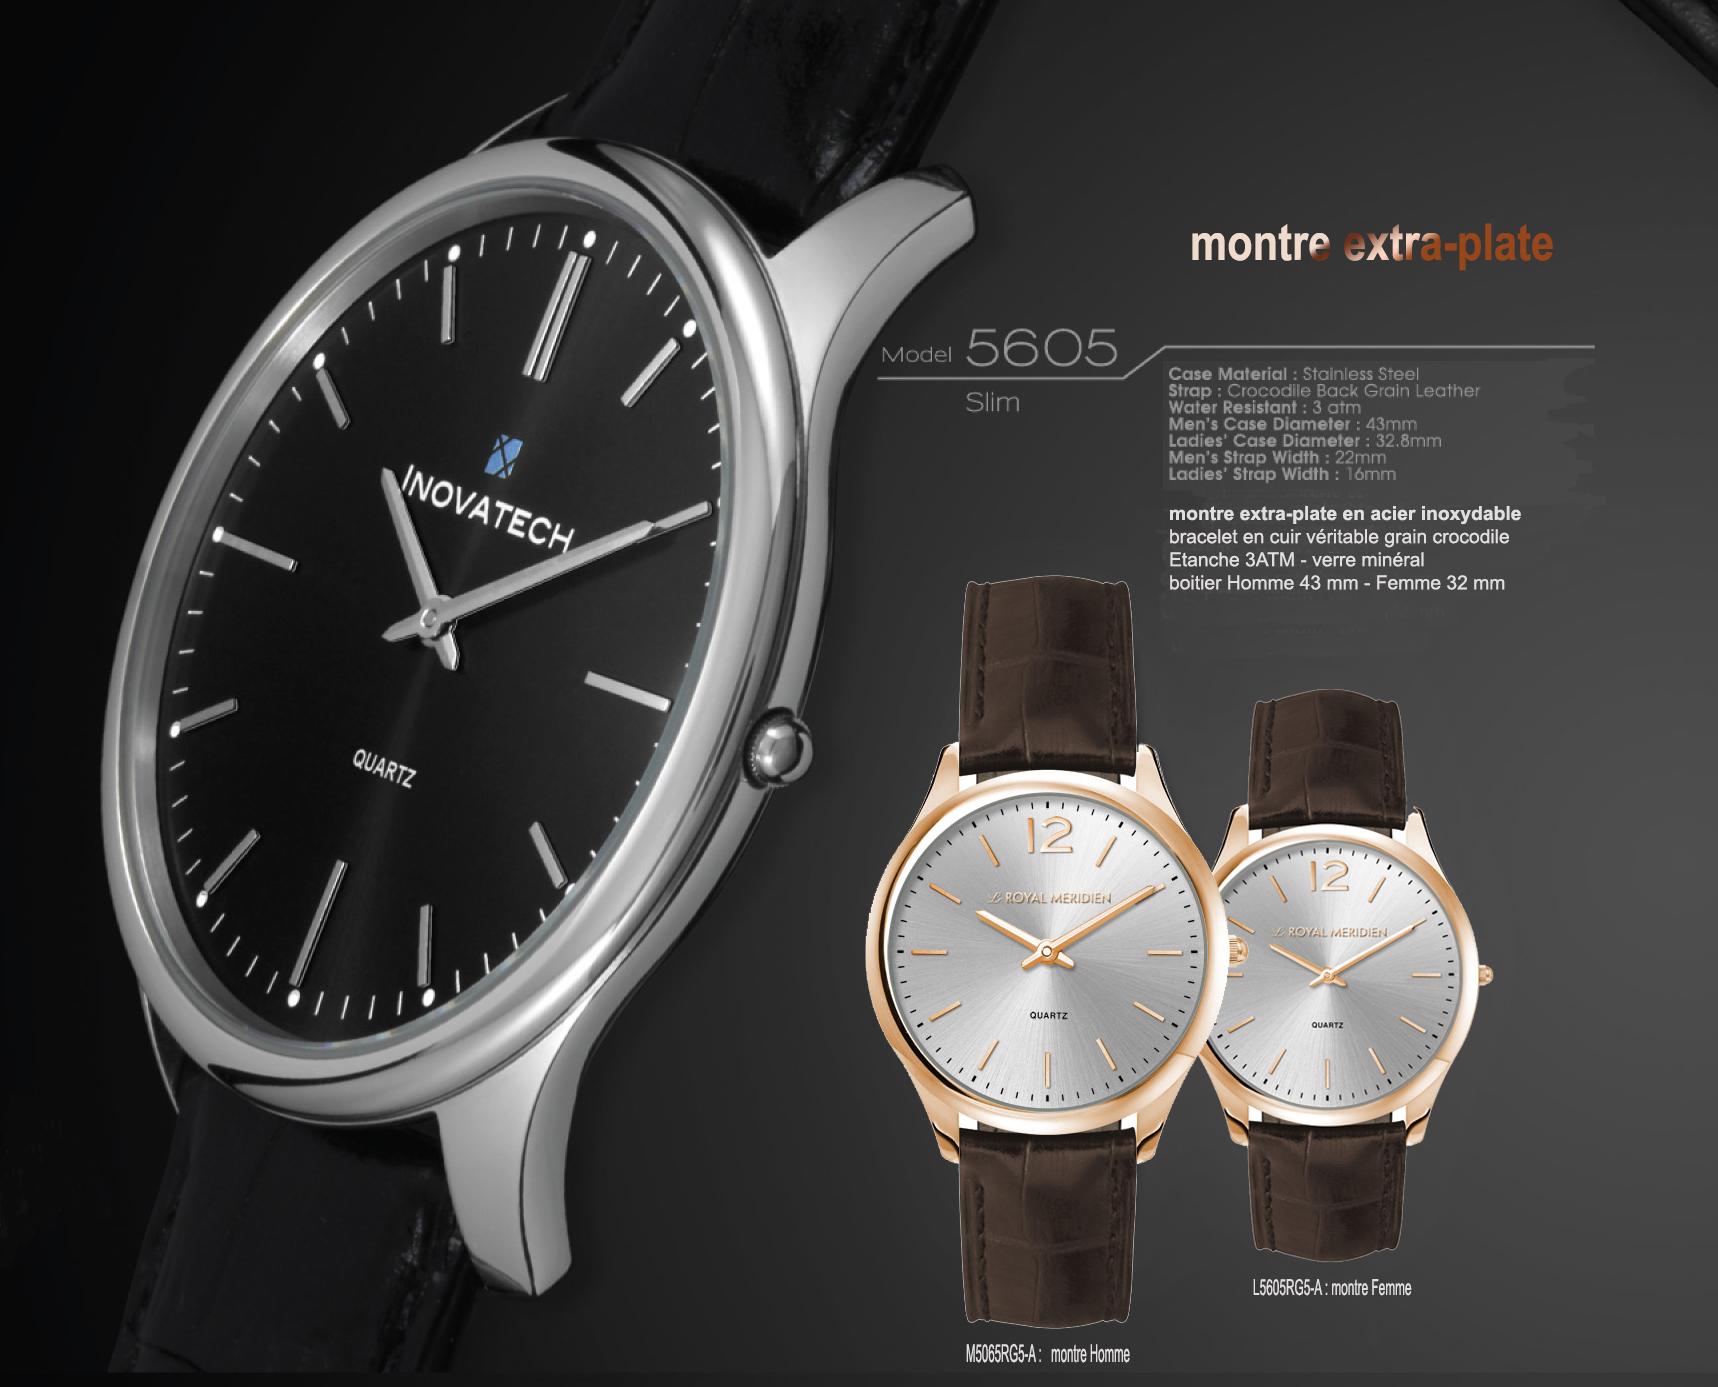 montres publicitaires montre chrono montres classiques montres extra plate fabricant montres. Black Bedroom Furniture Sets. Home Design Ideas